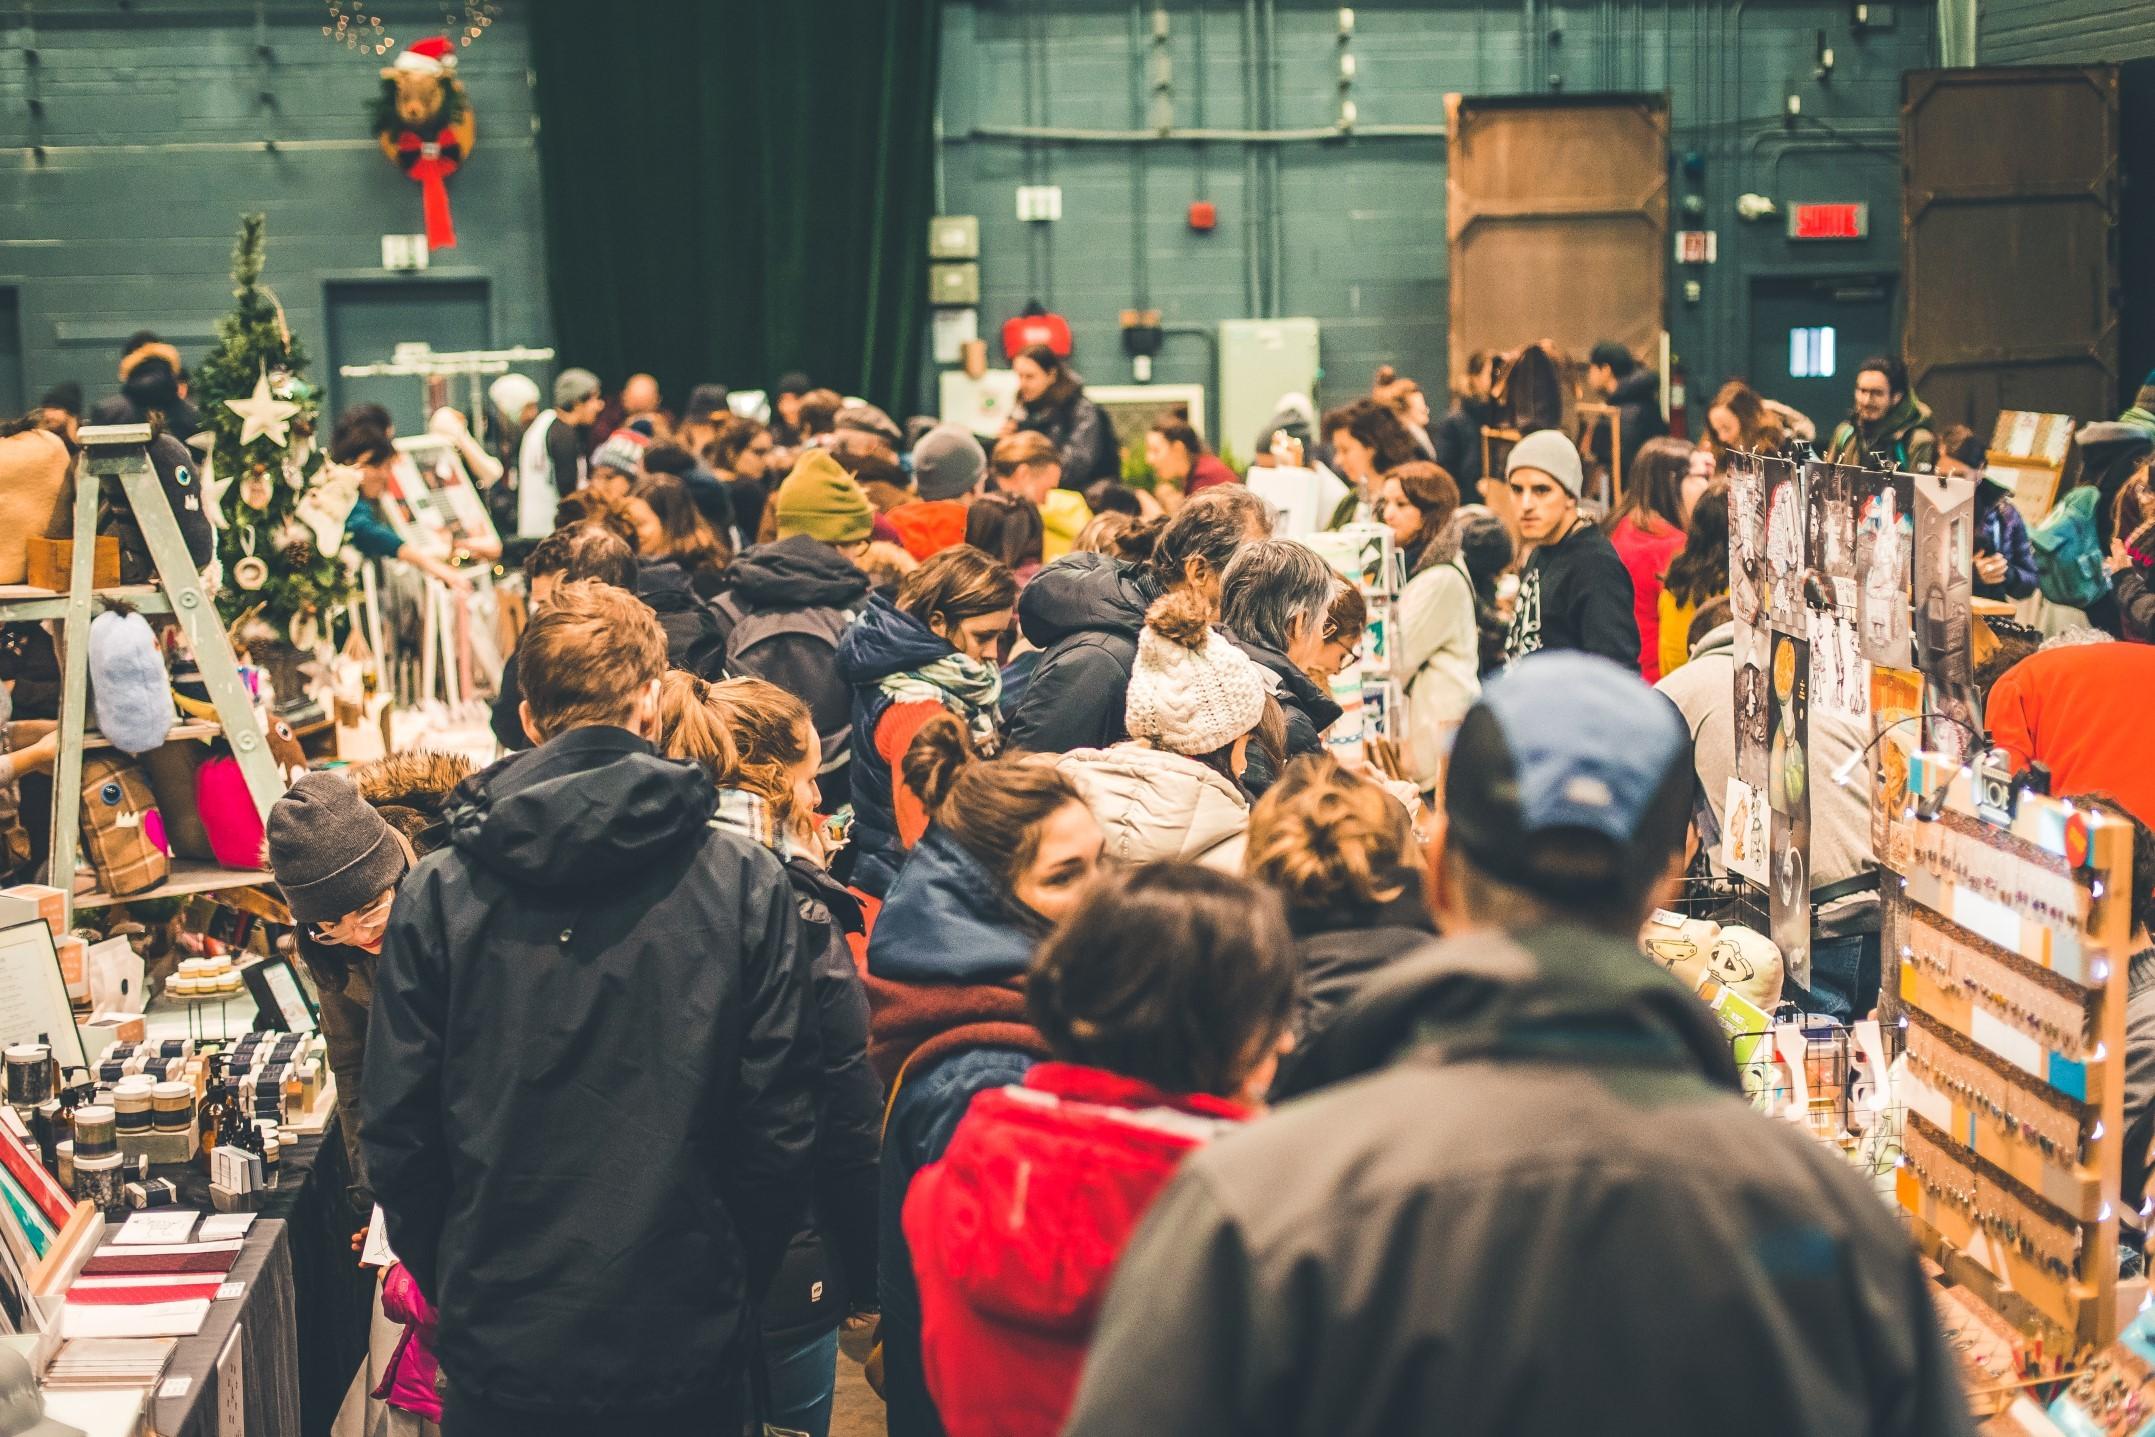 Marché des fêtes - Collectif Etsy (Hochelaga)